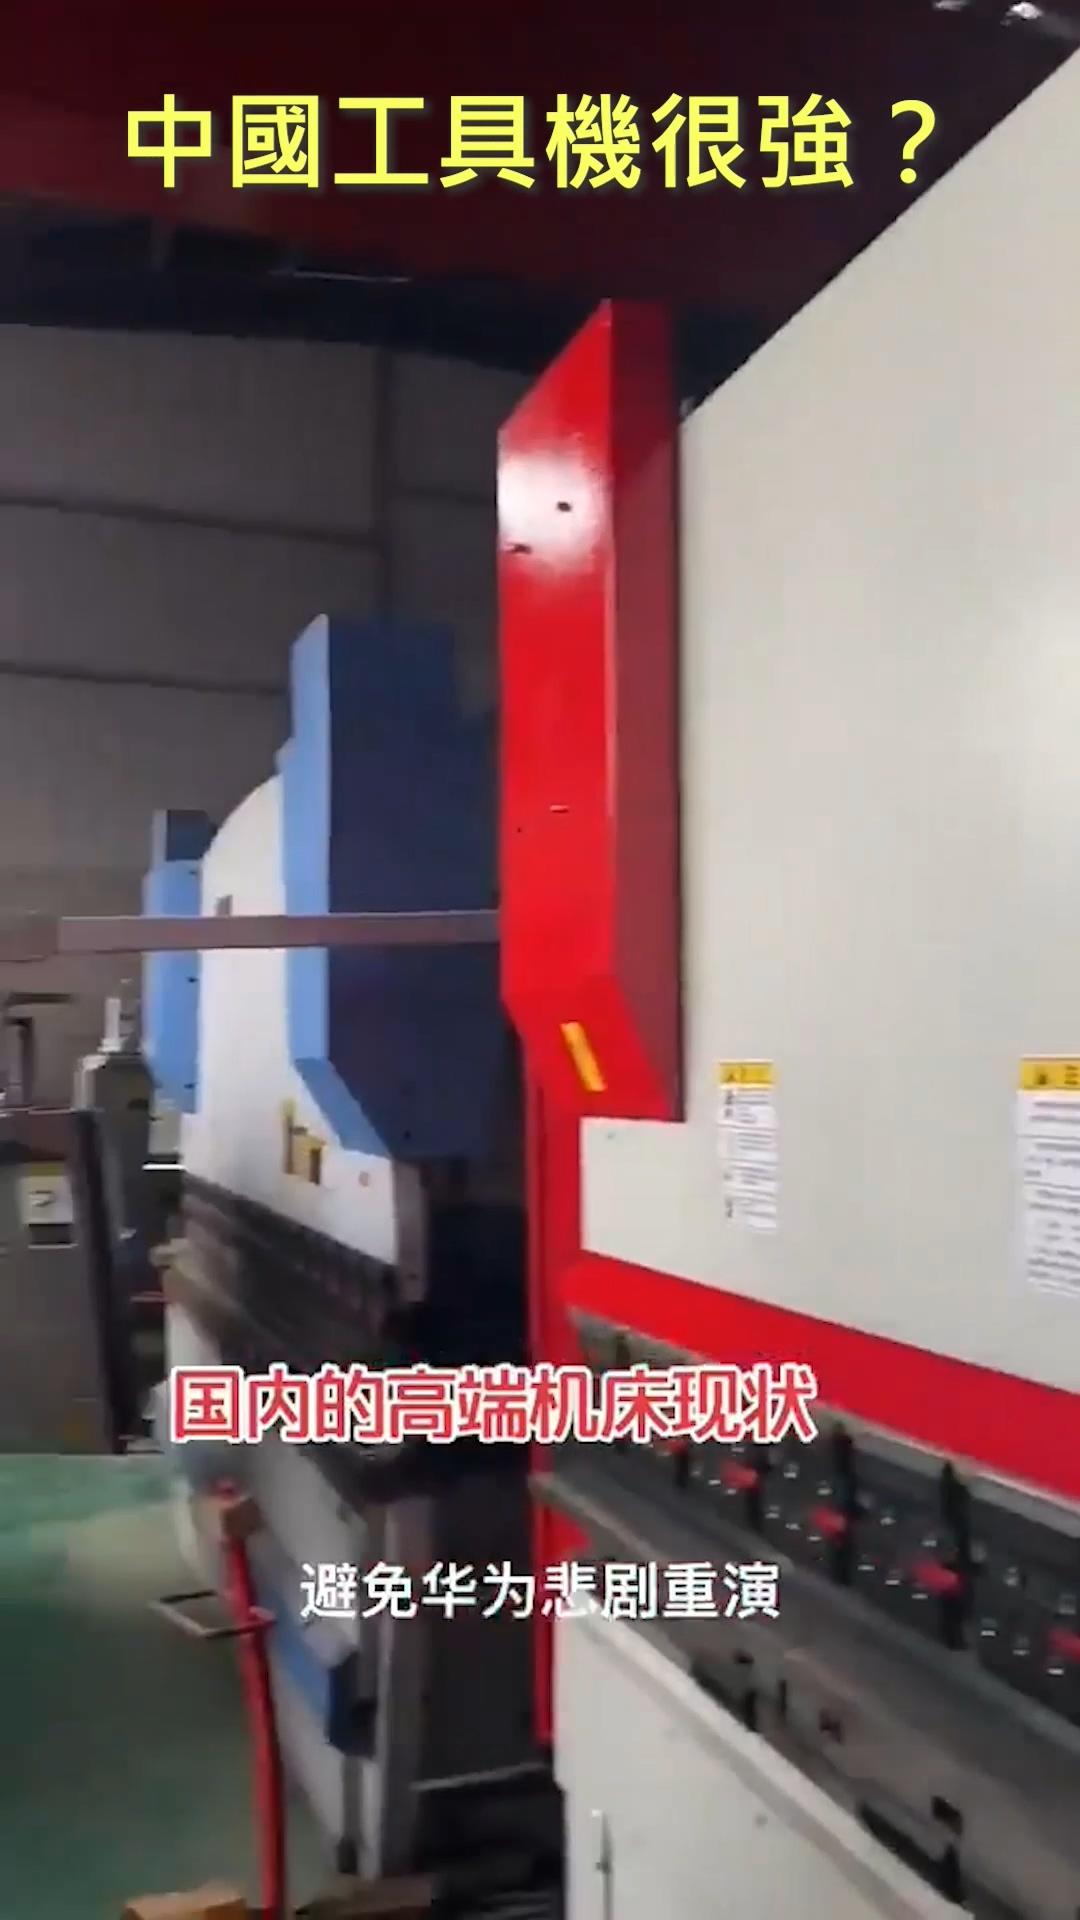 中國工具機很強?